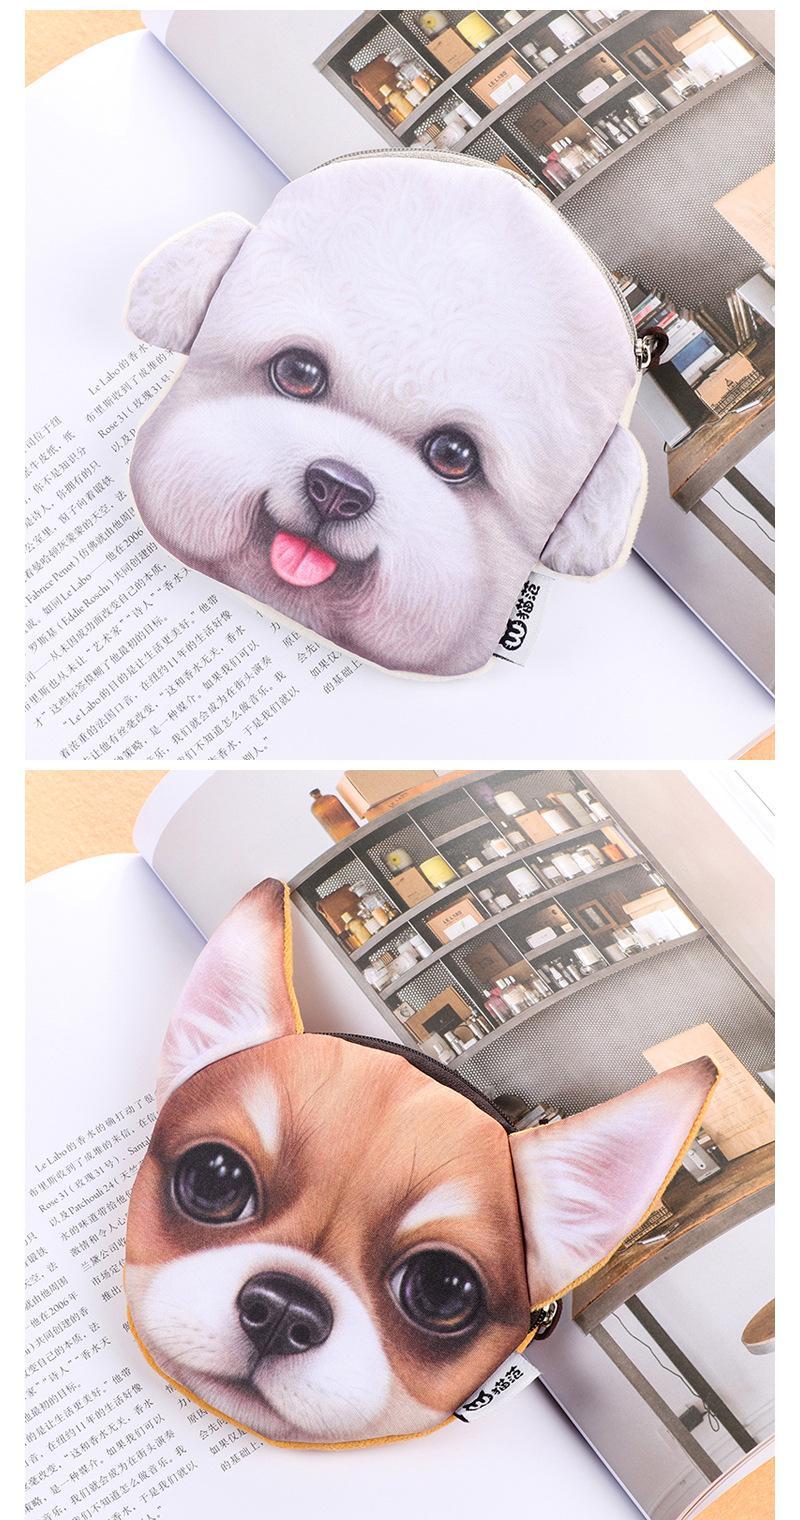 Moda Criança Animal Coin Bolsas Titulares 3D Cão Bolsa Para Moedas Mulheres Bolsa De Moeda Crianças Bolsa Com Zíper Bonito Pequeno Titular Carteira Meninas bolsa